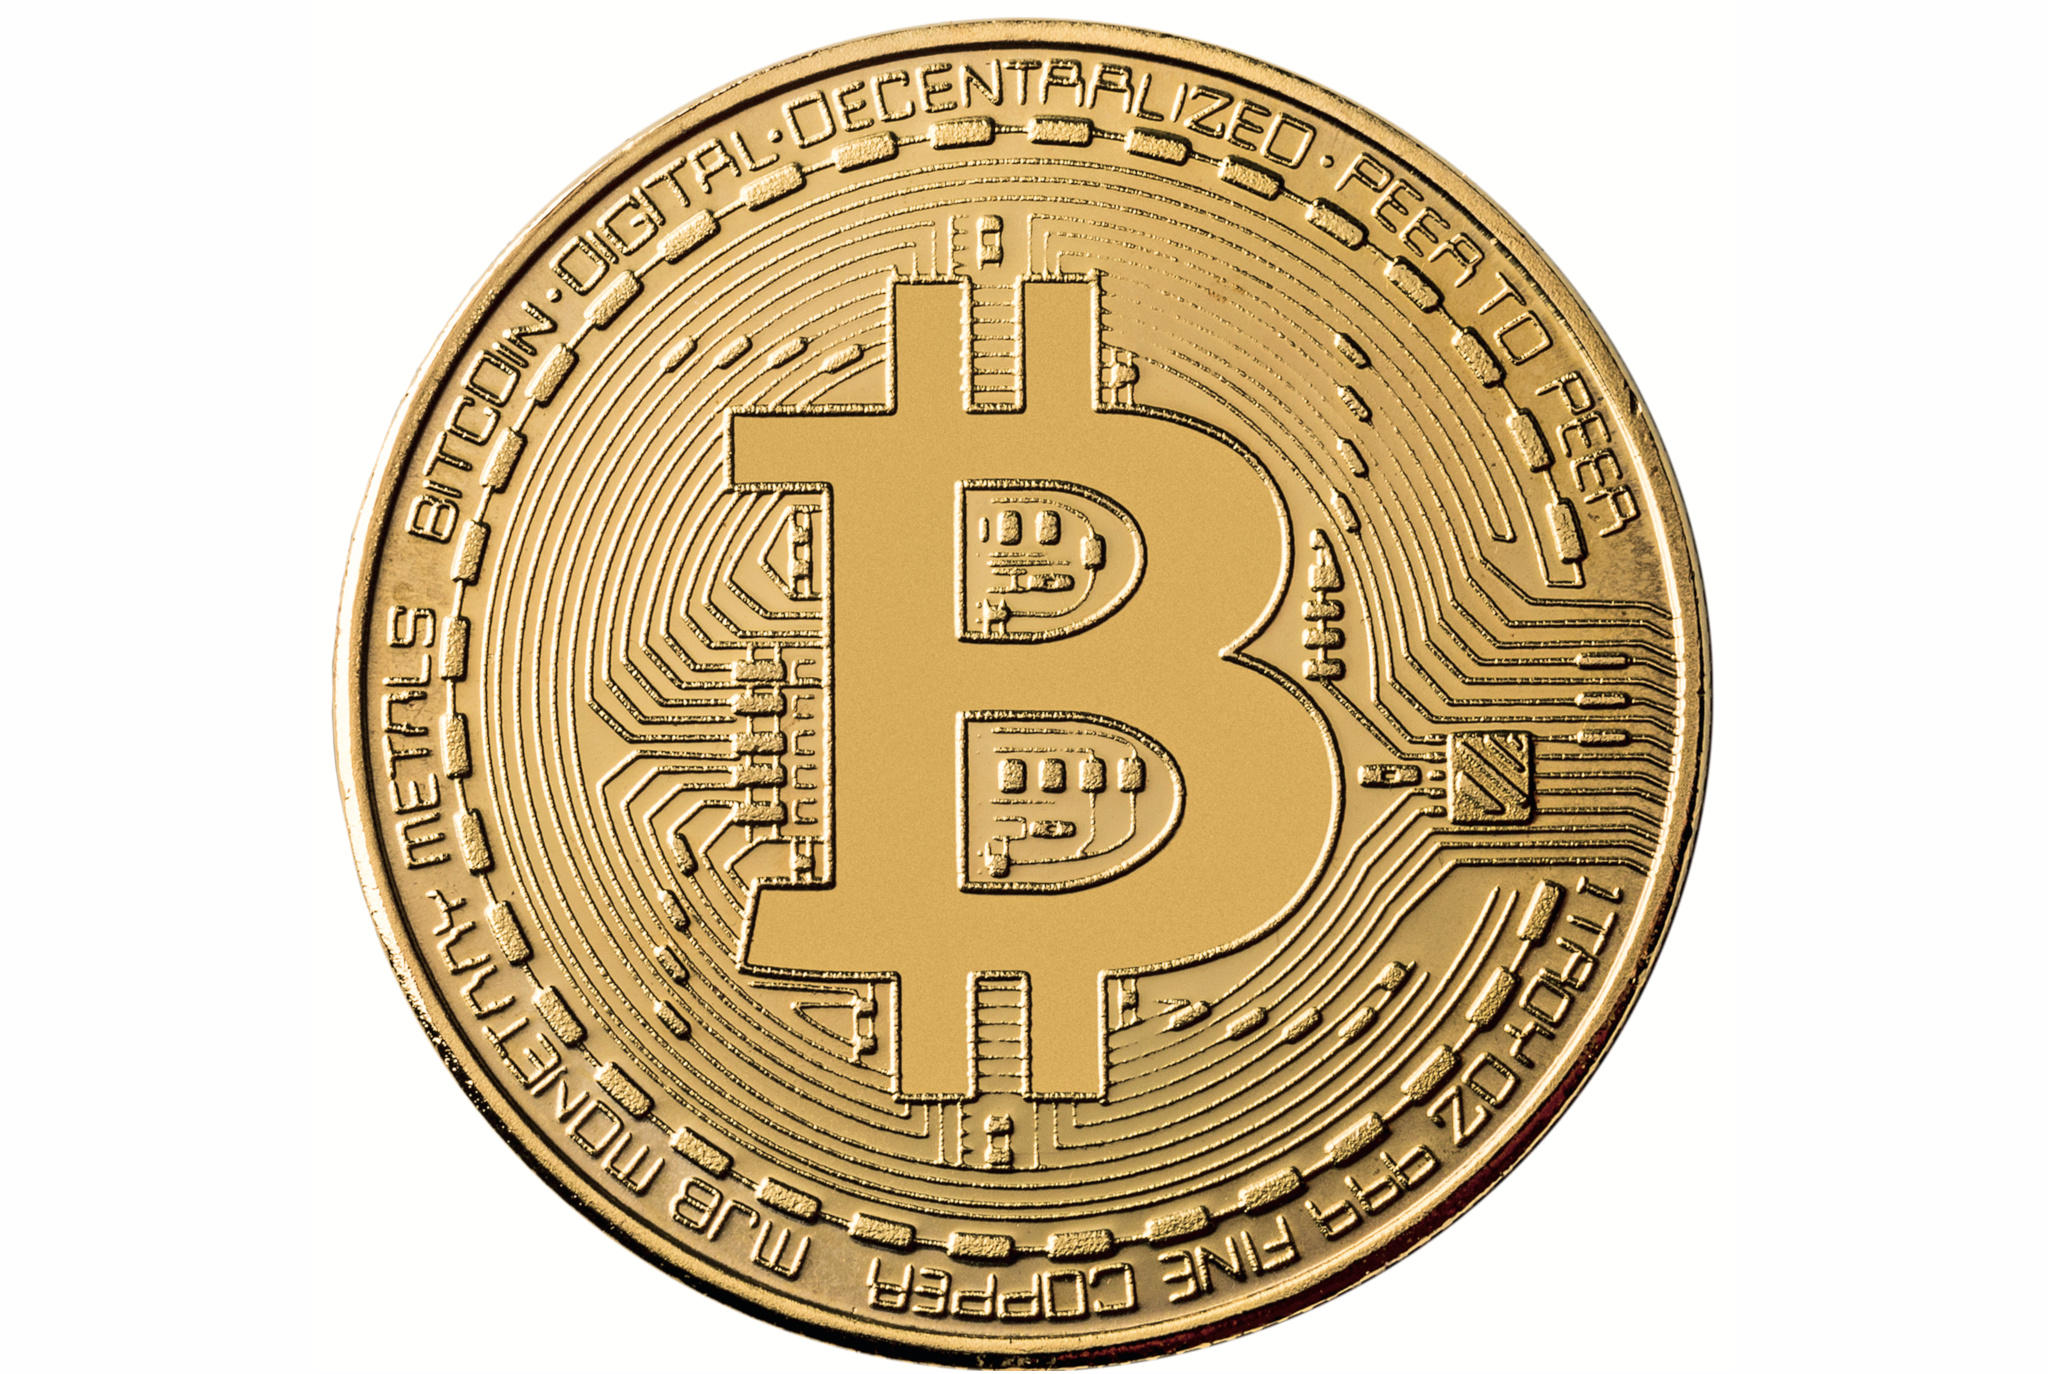 Kurs Bitcoin Dollar